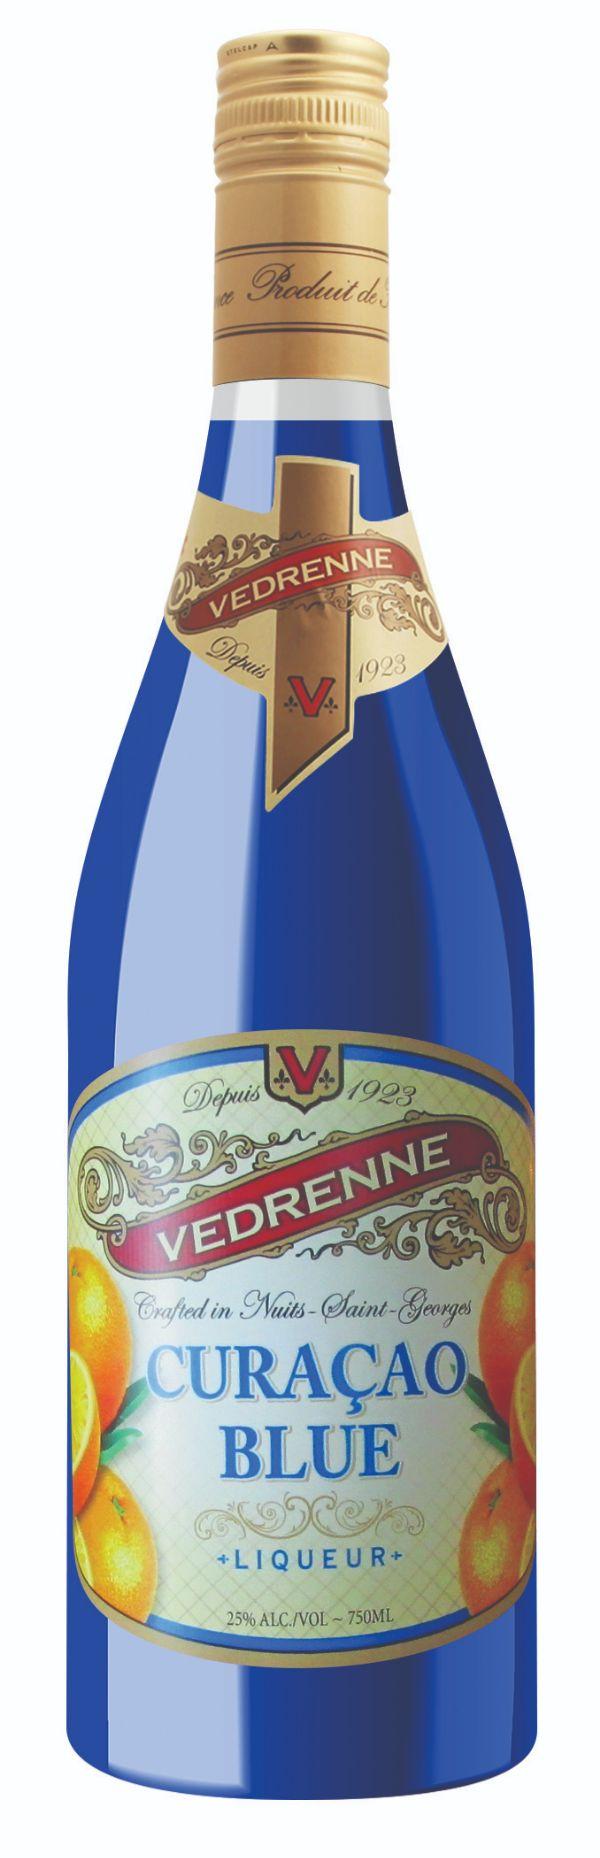 Vedrenne Blue Curacao Liqueur